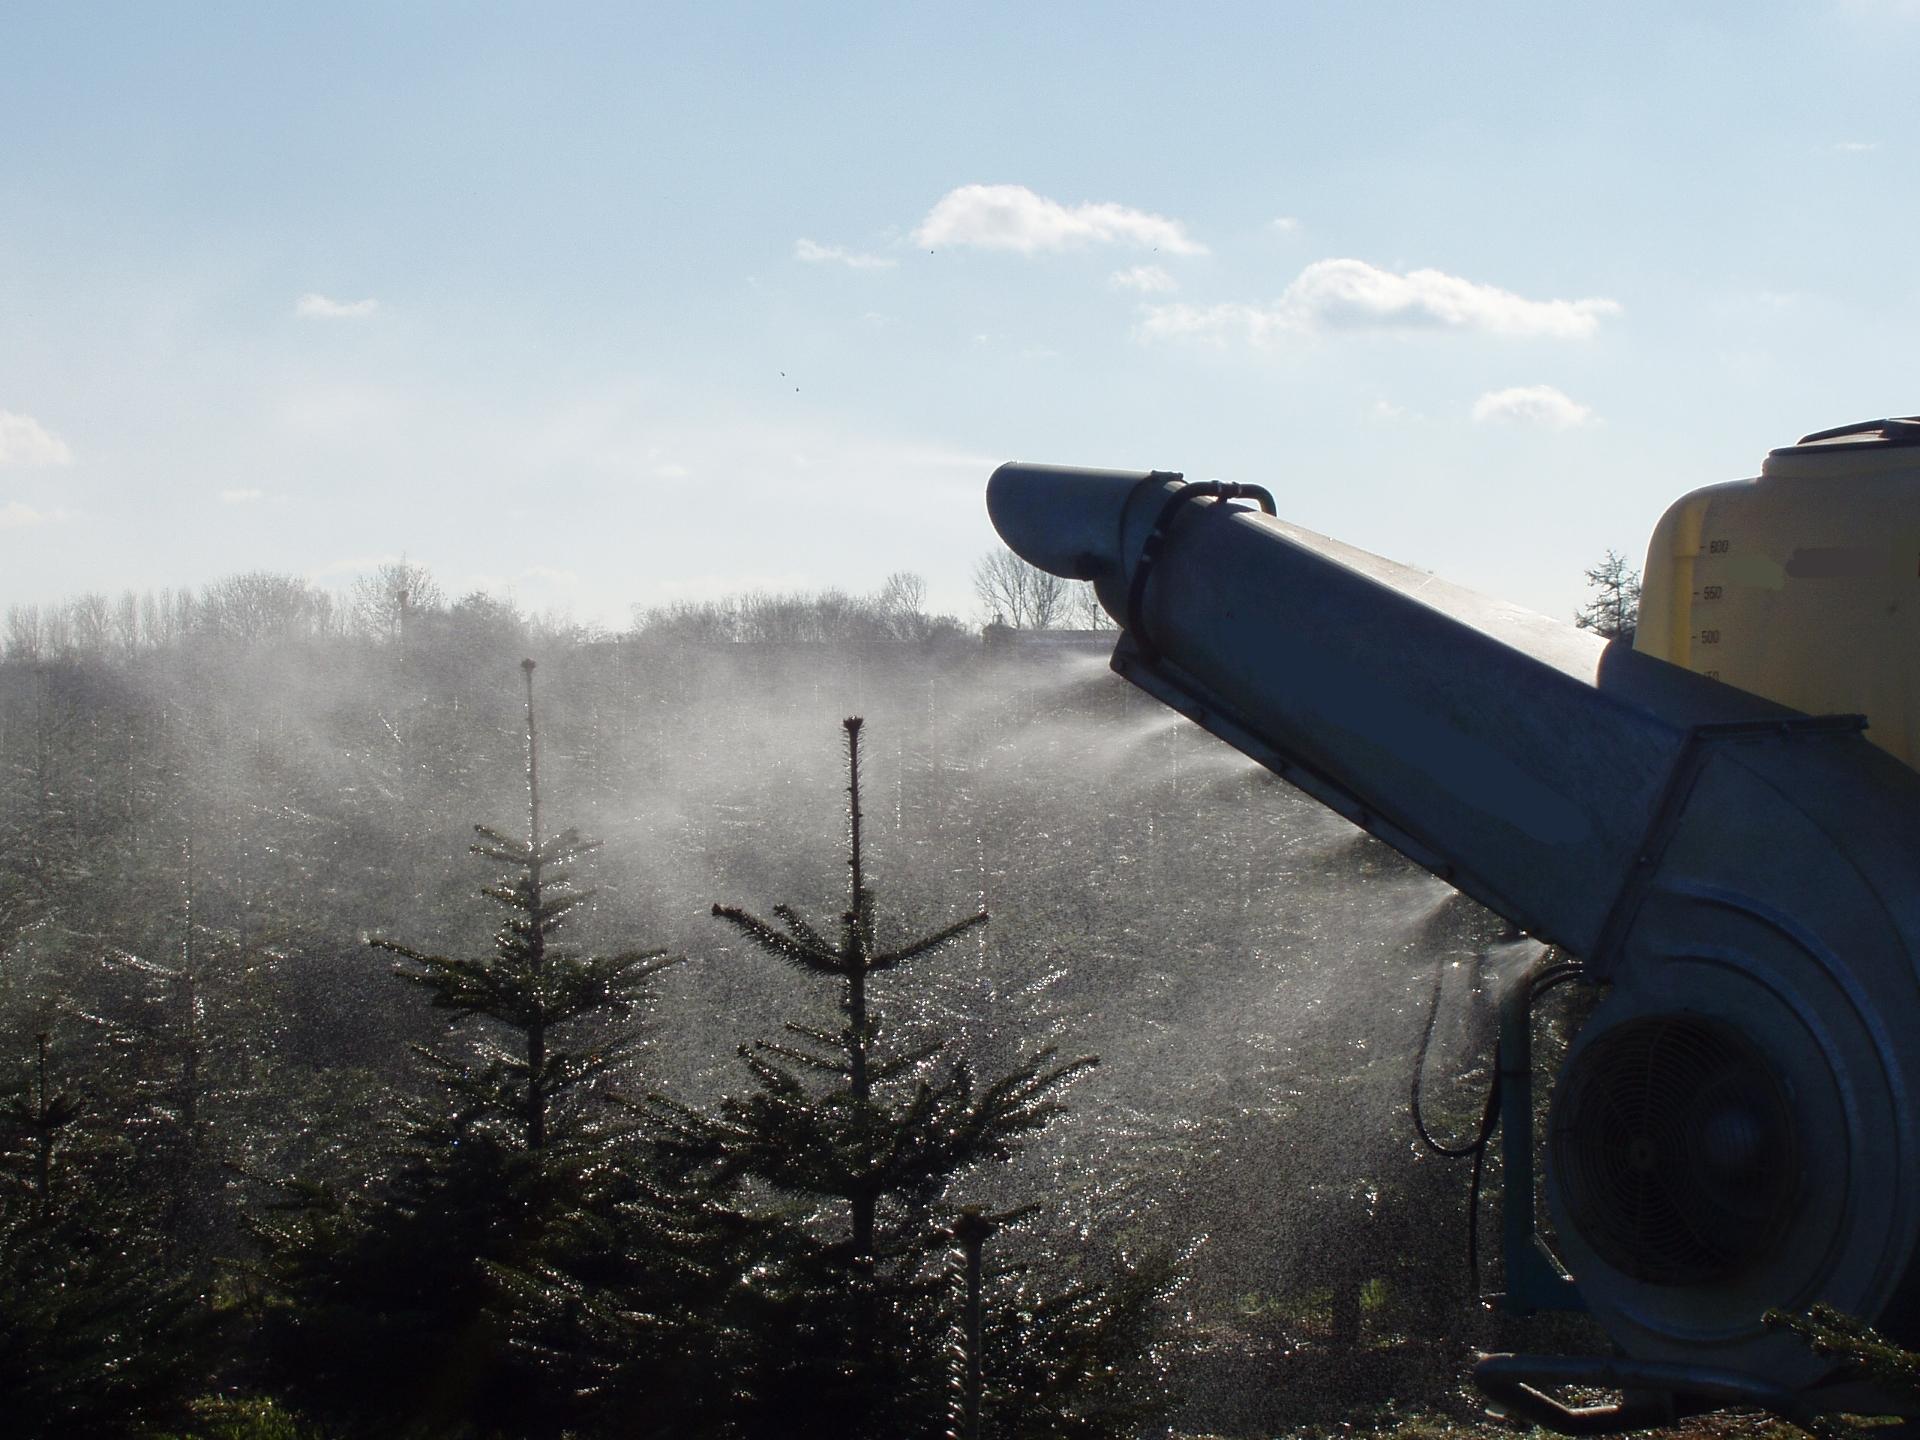 Traditionelle tågesprøjter